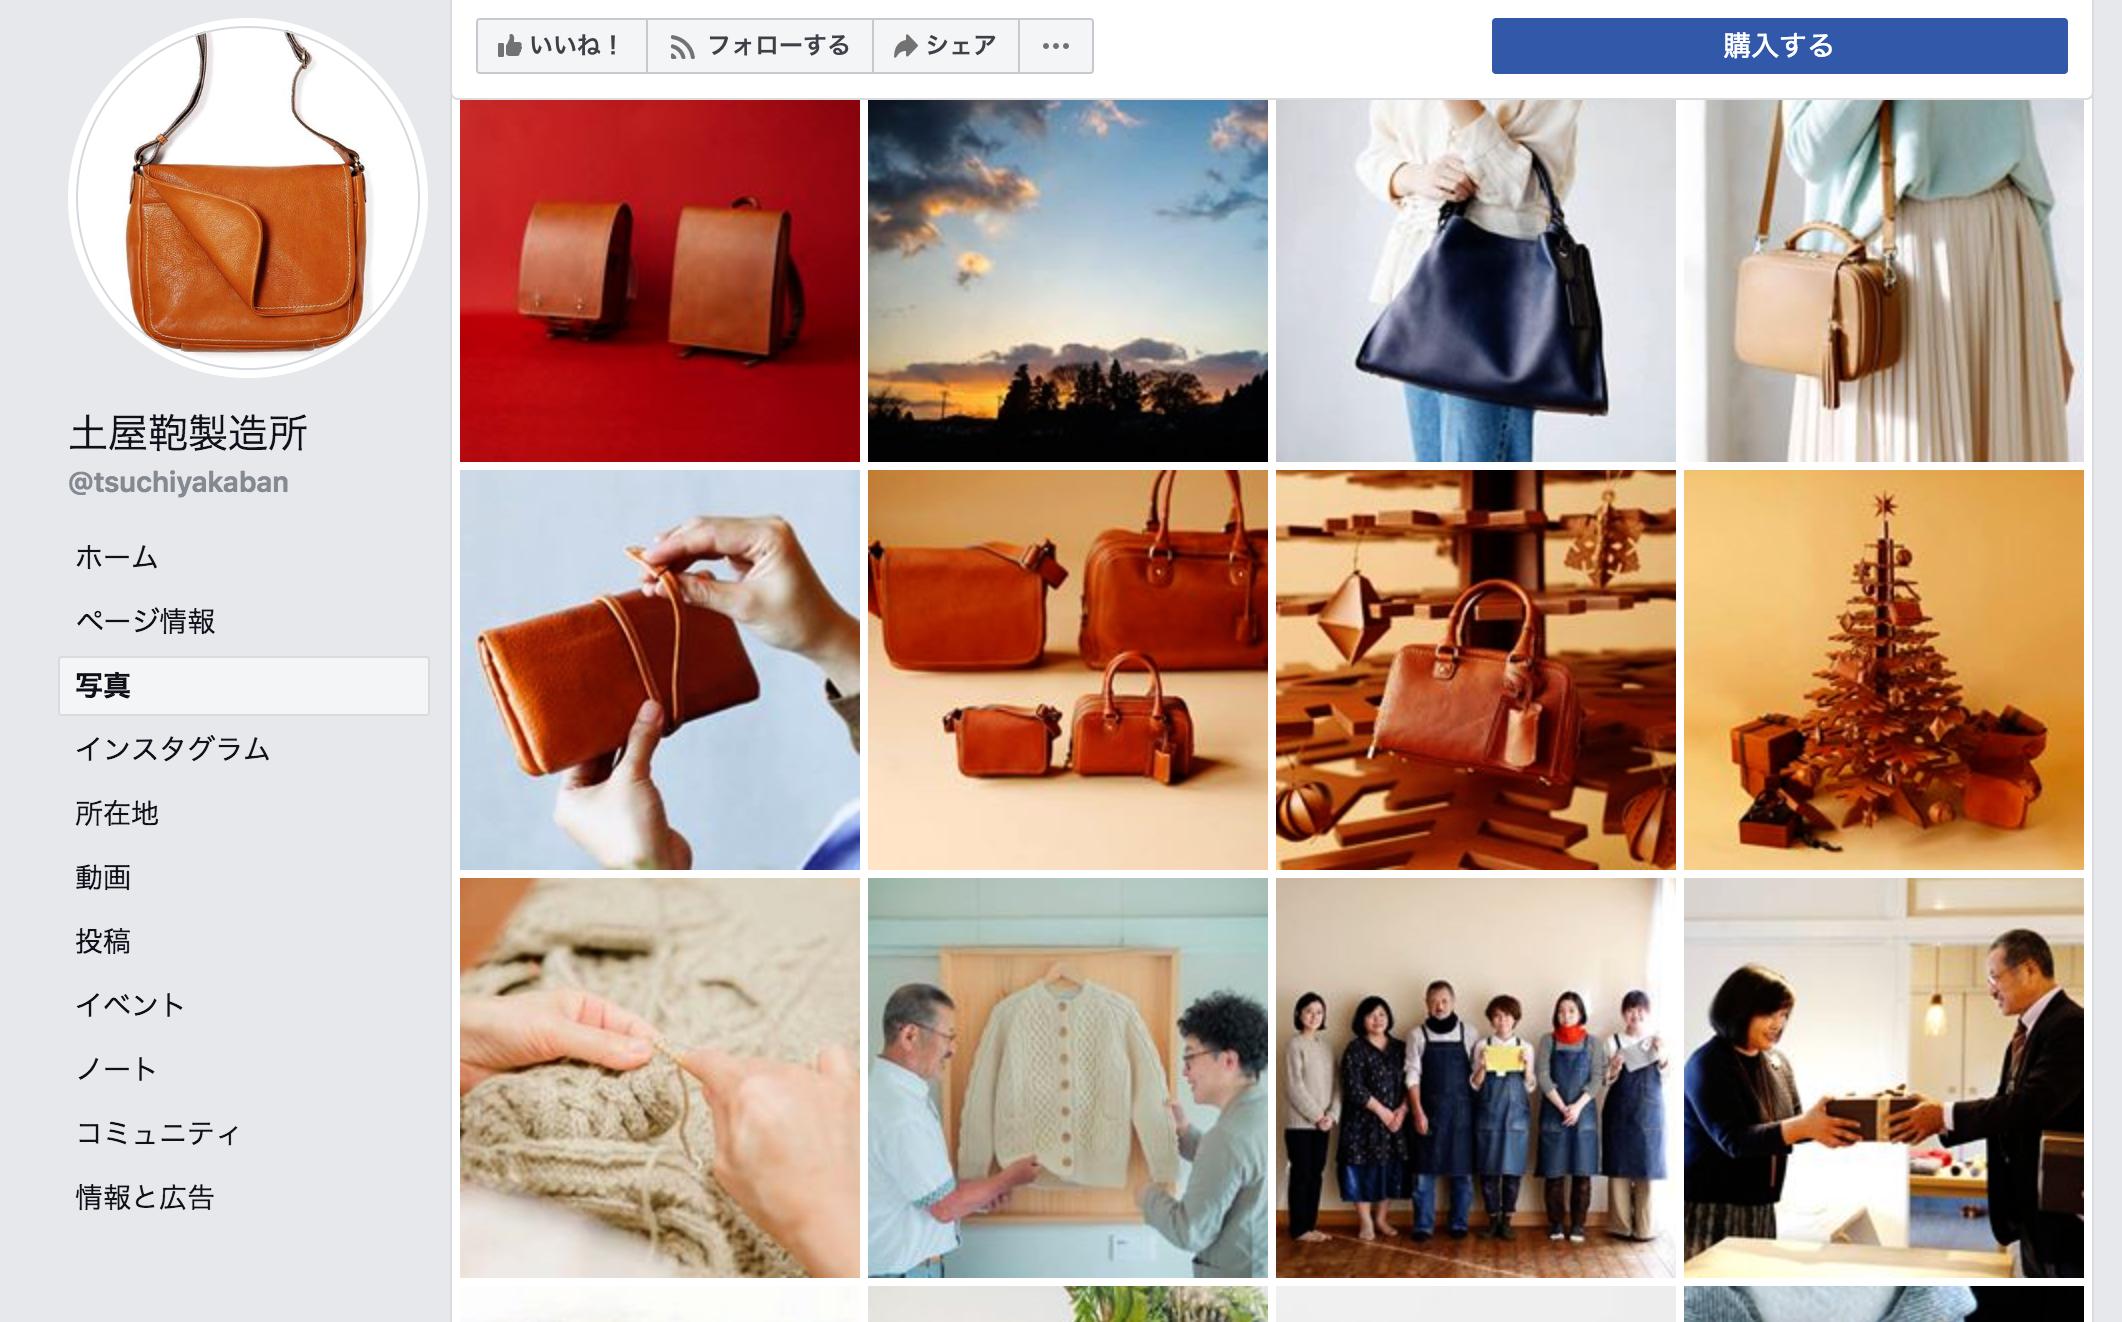 土屋鞄製造所Facebookページ